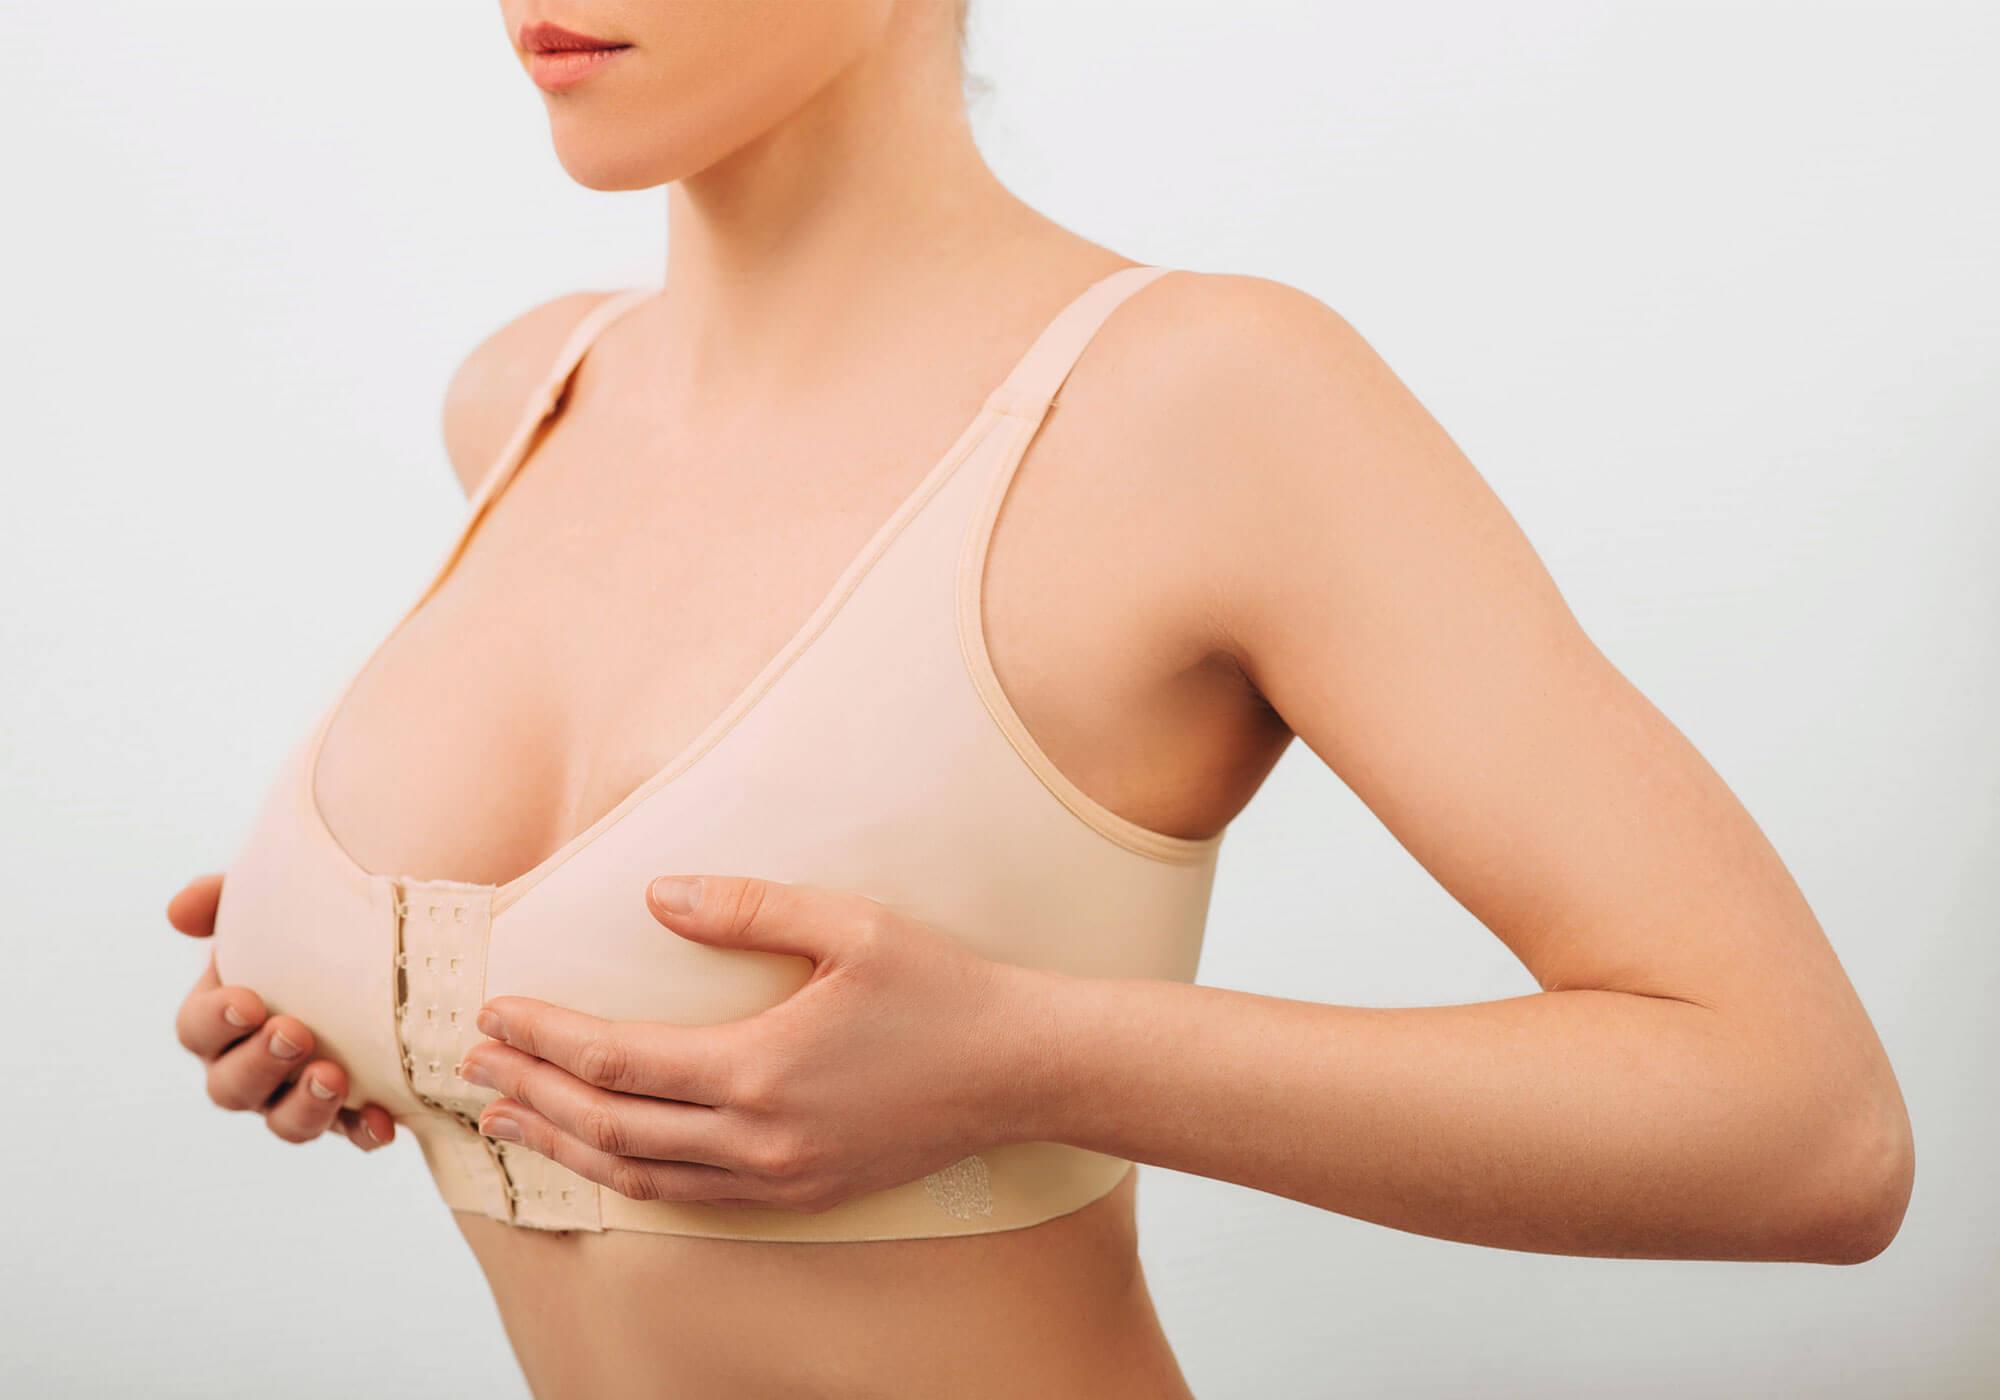 Möglichkeiten der Bruststraffung in Kassel